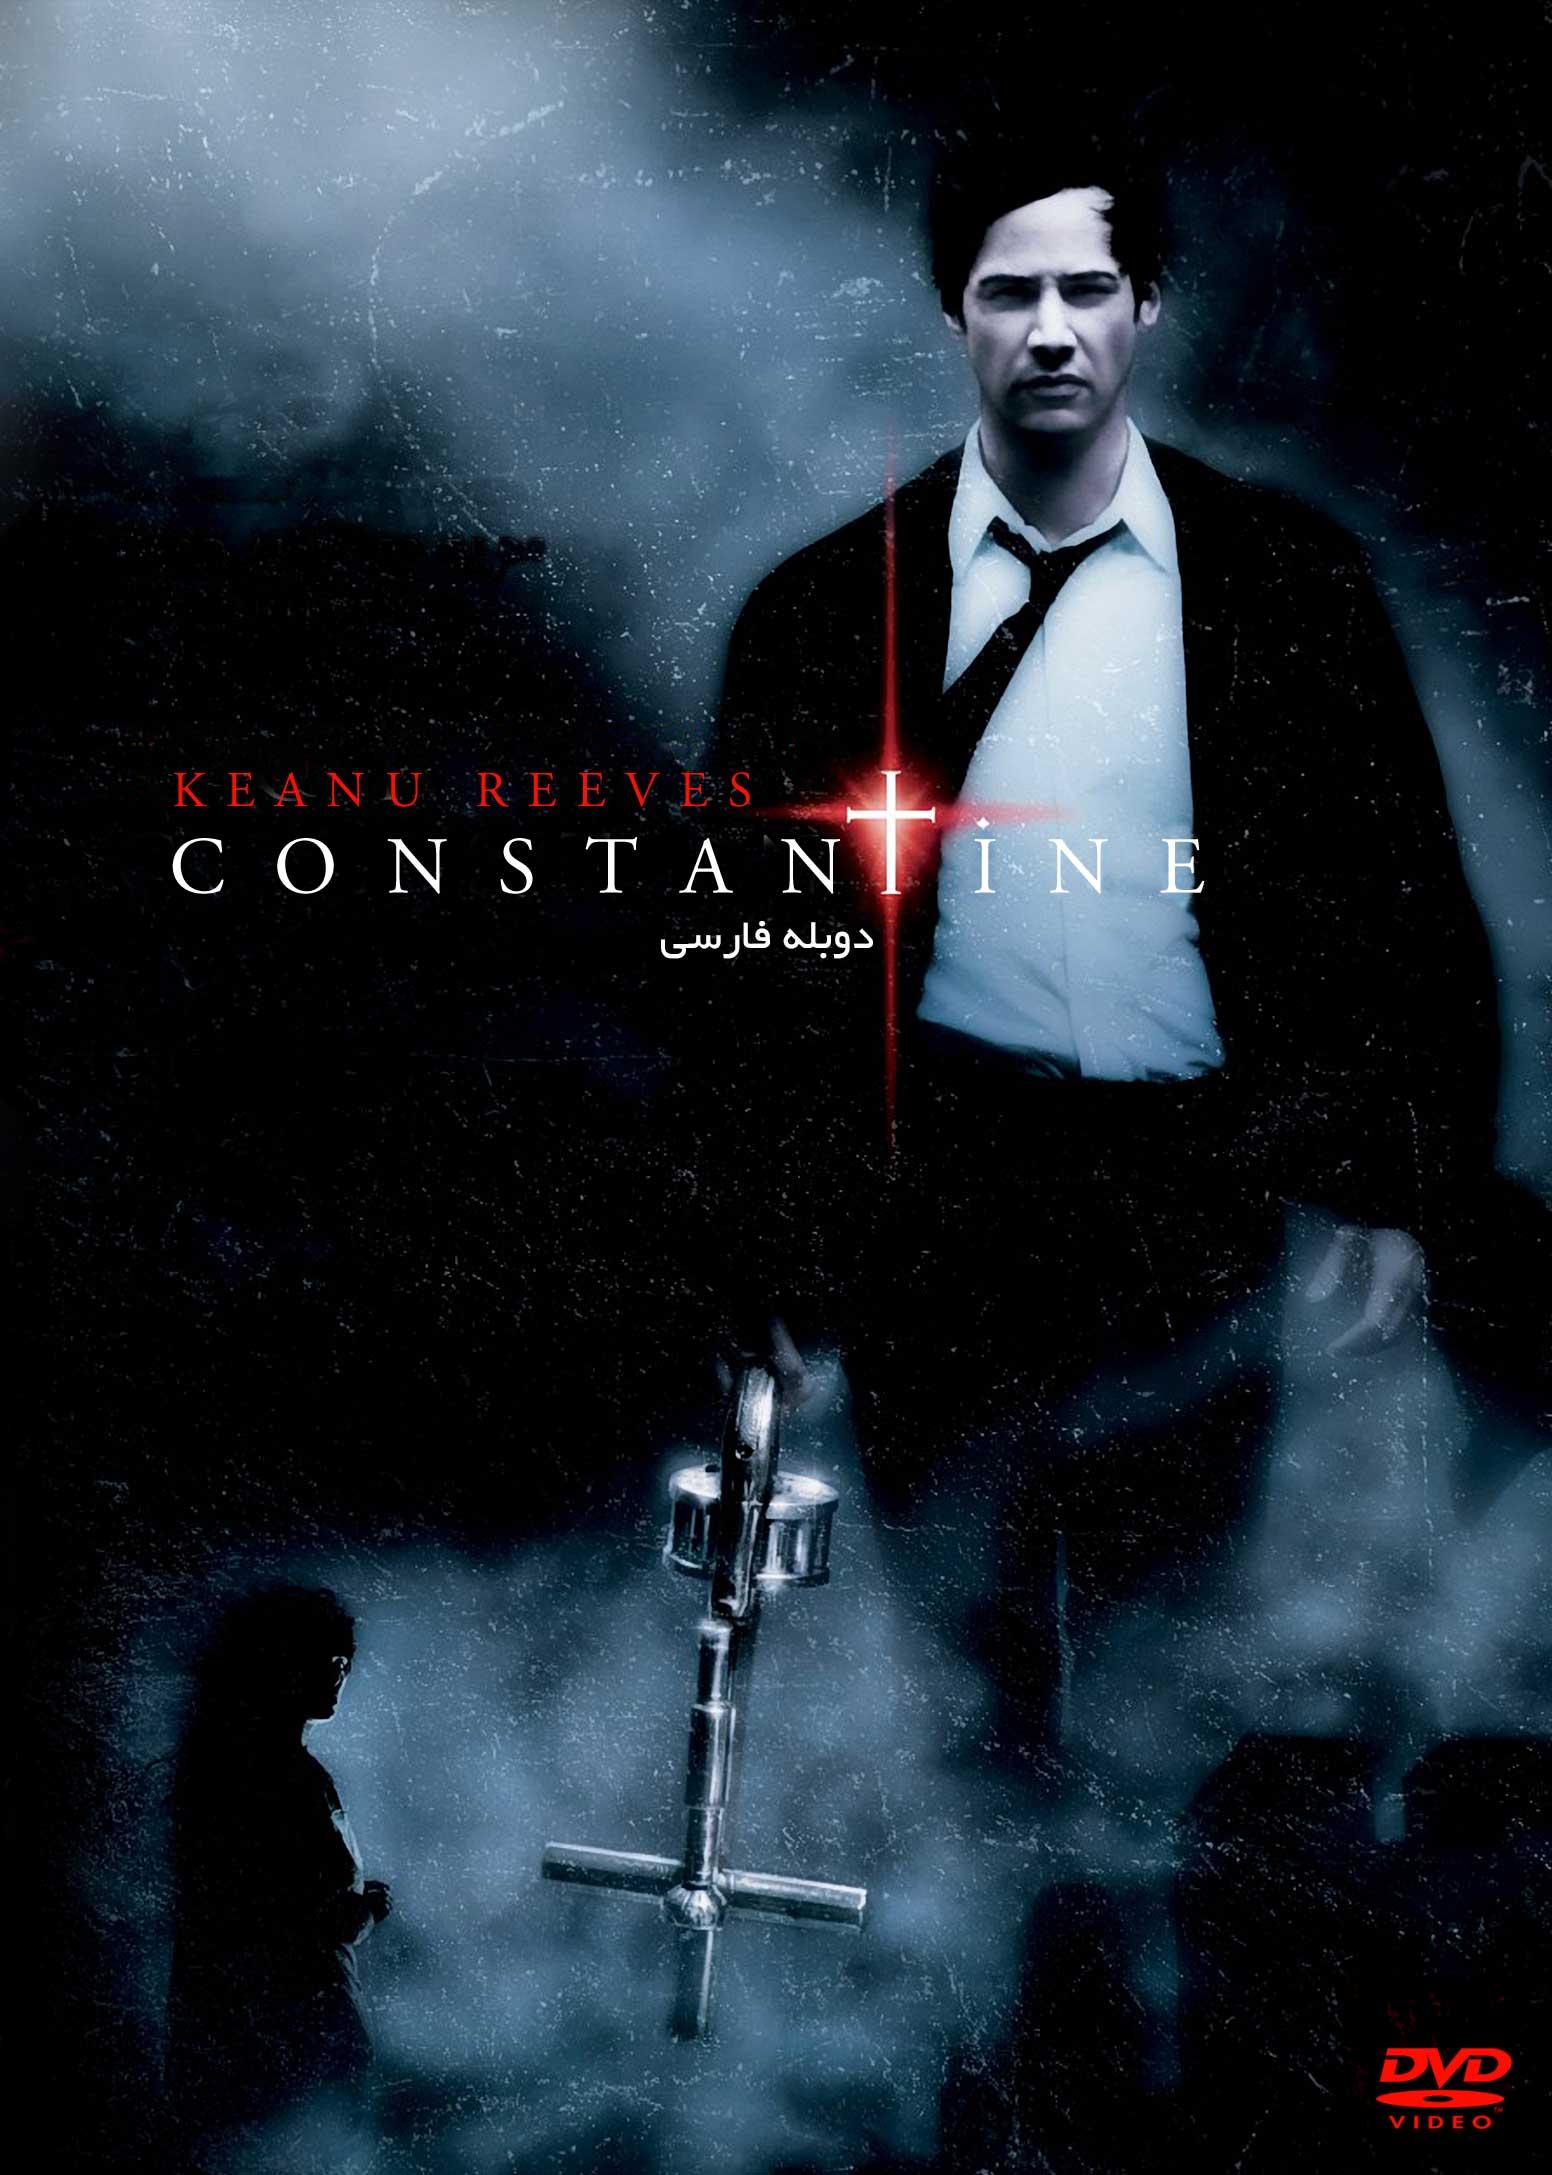 دانلود فیلم کنستانتین Constantine - دانلود فیلم کنستانتین Constantine دوبله فارسی